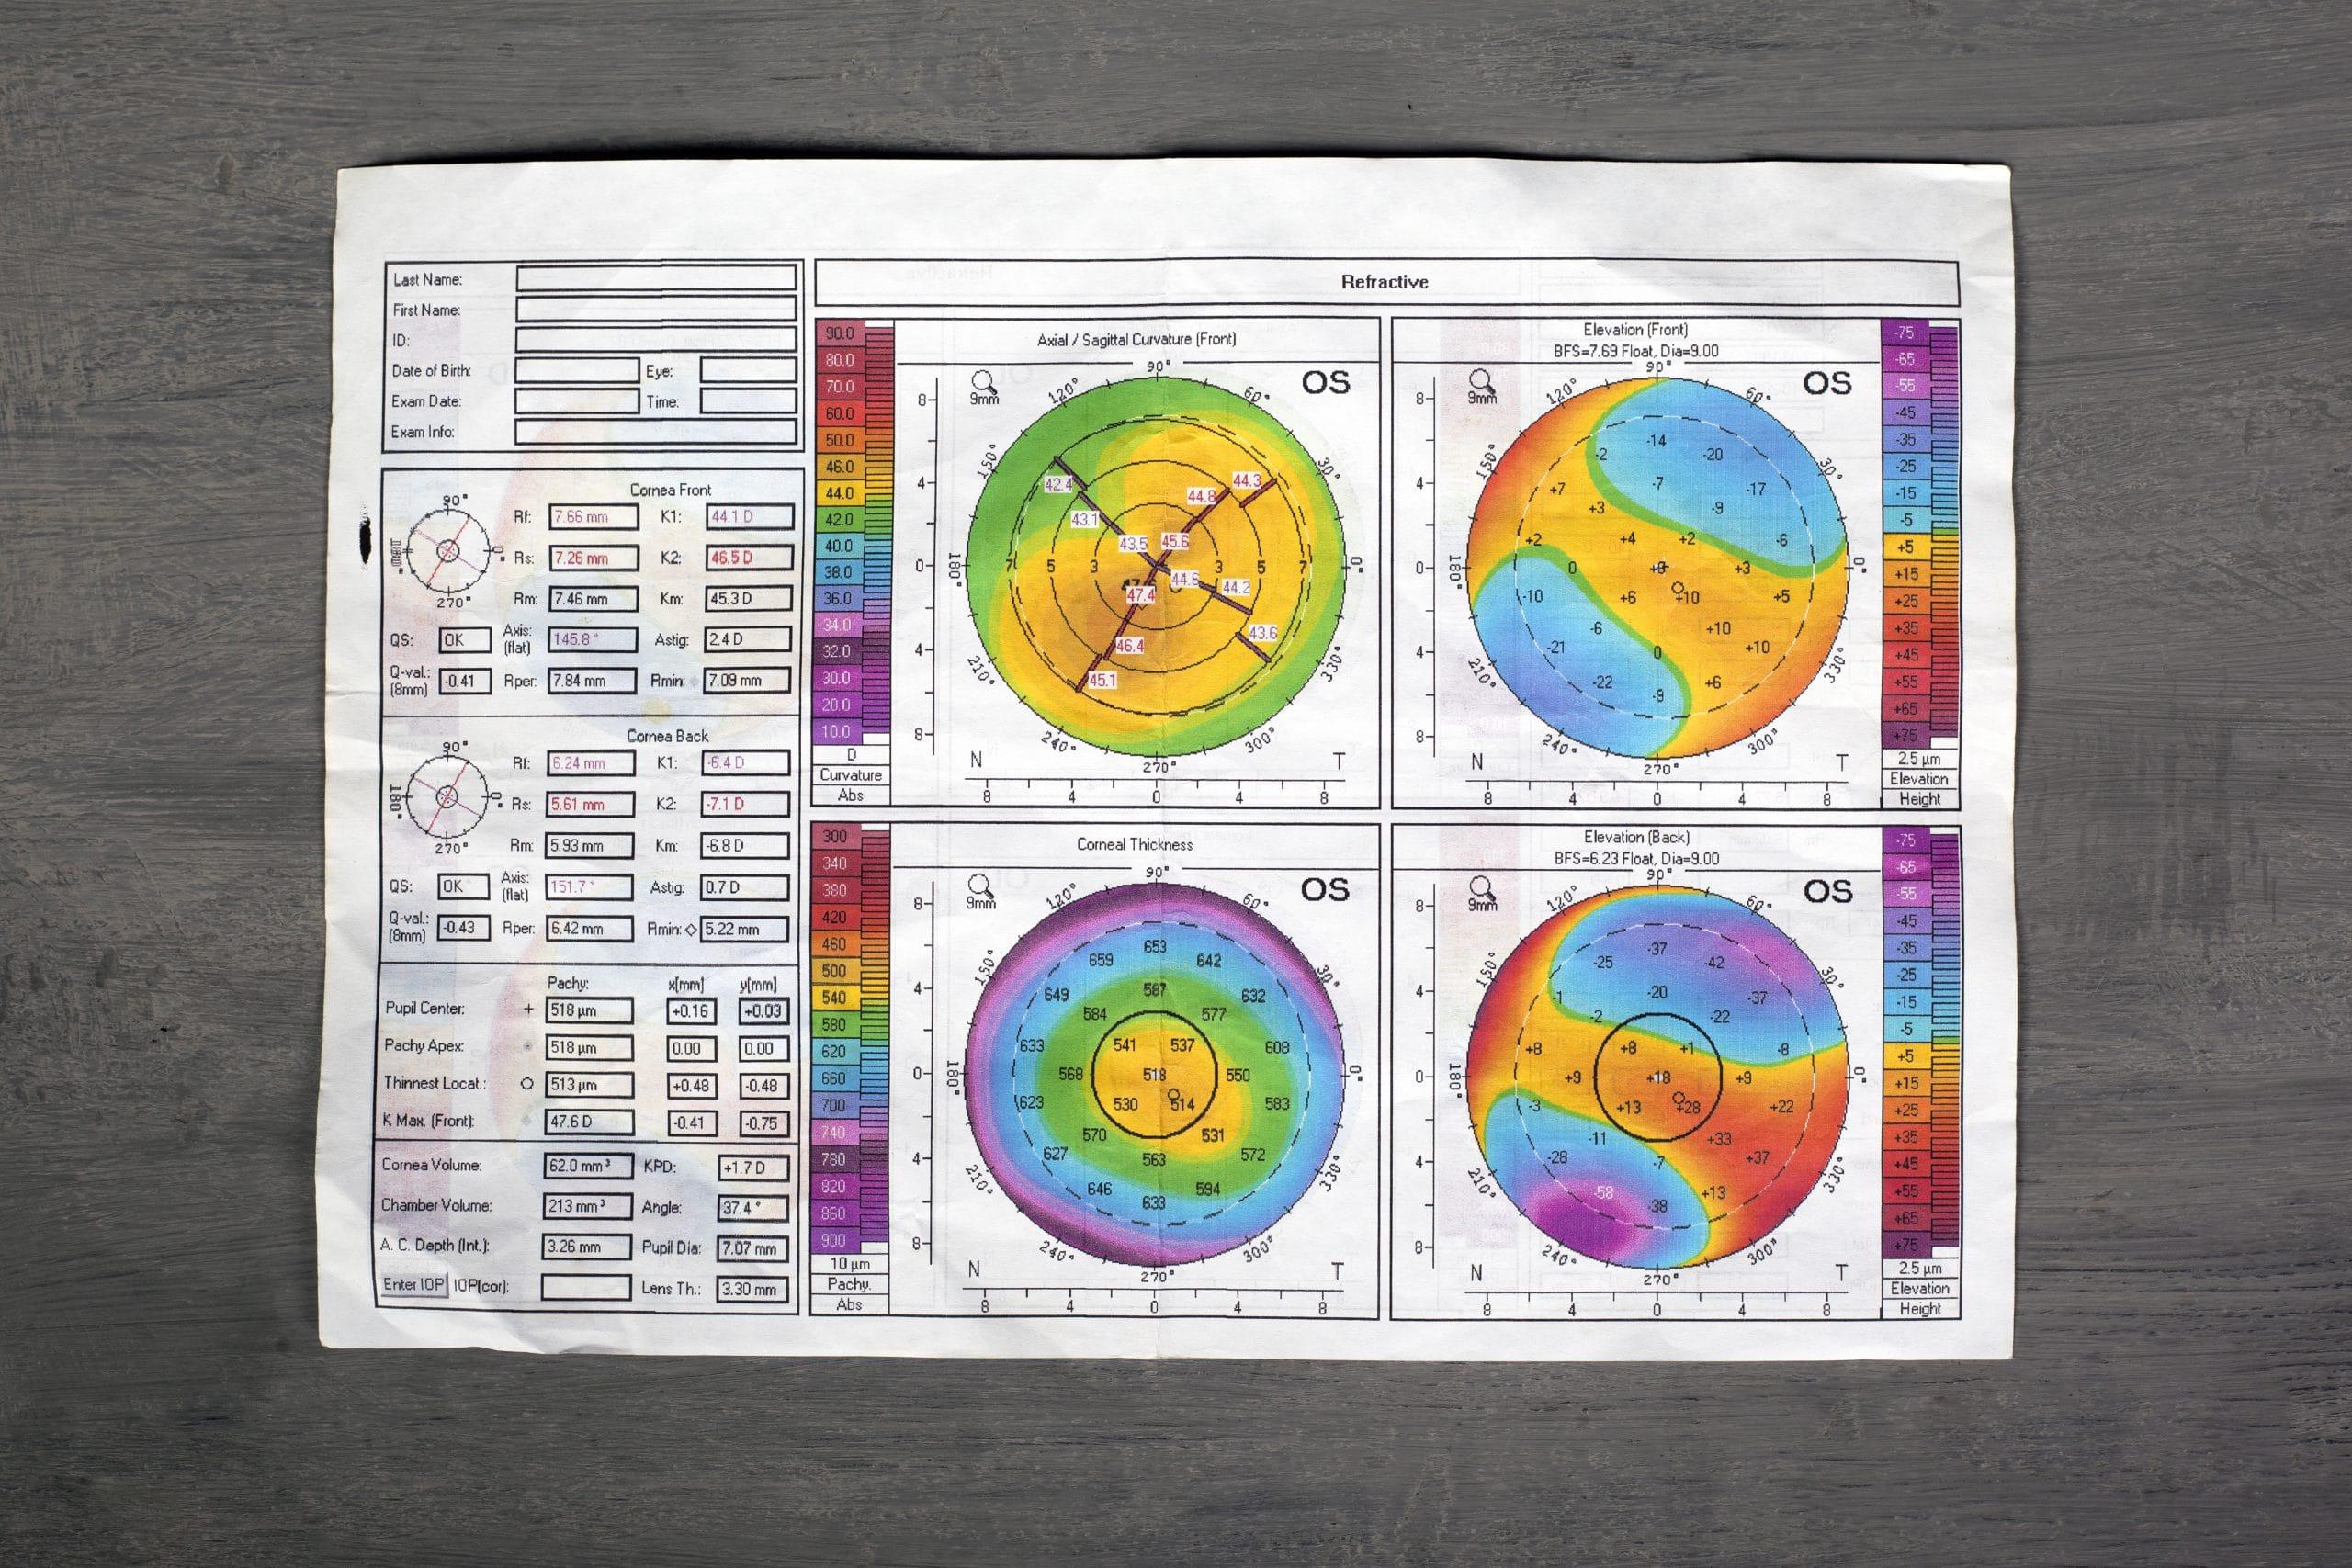 באופטיקה יפעת תוכלו לבצע בדיקת מיפוי קרנית